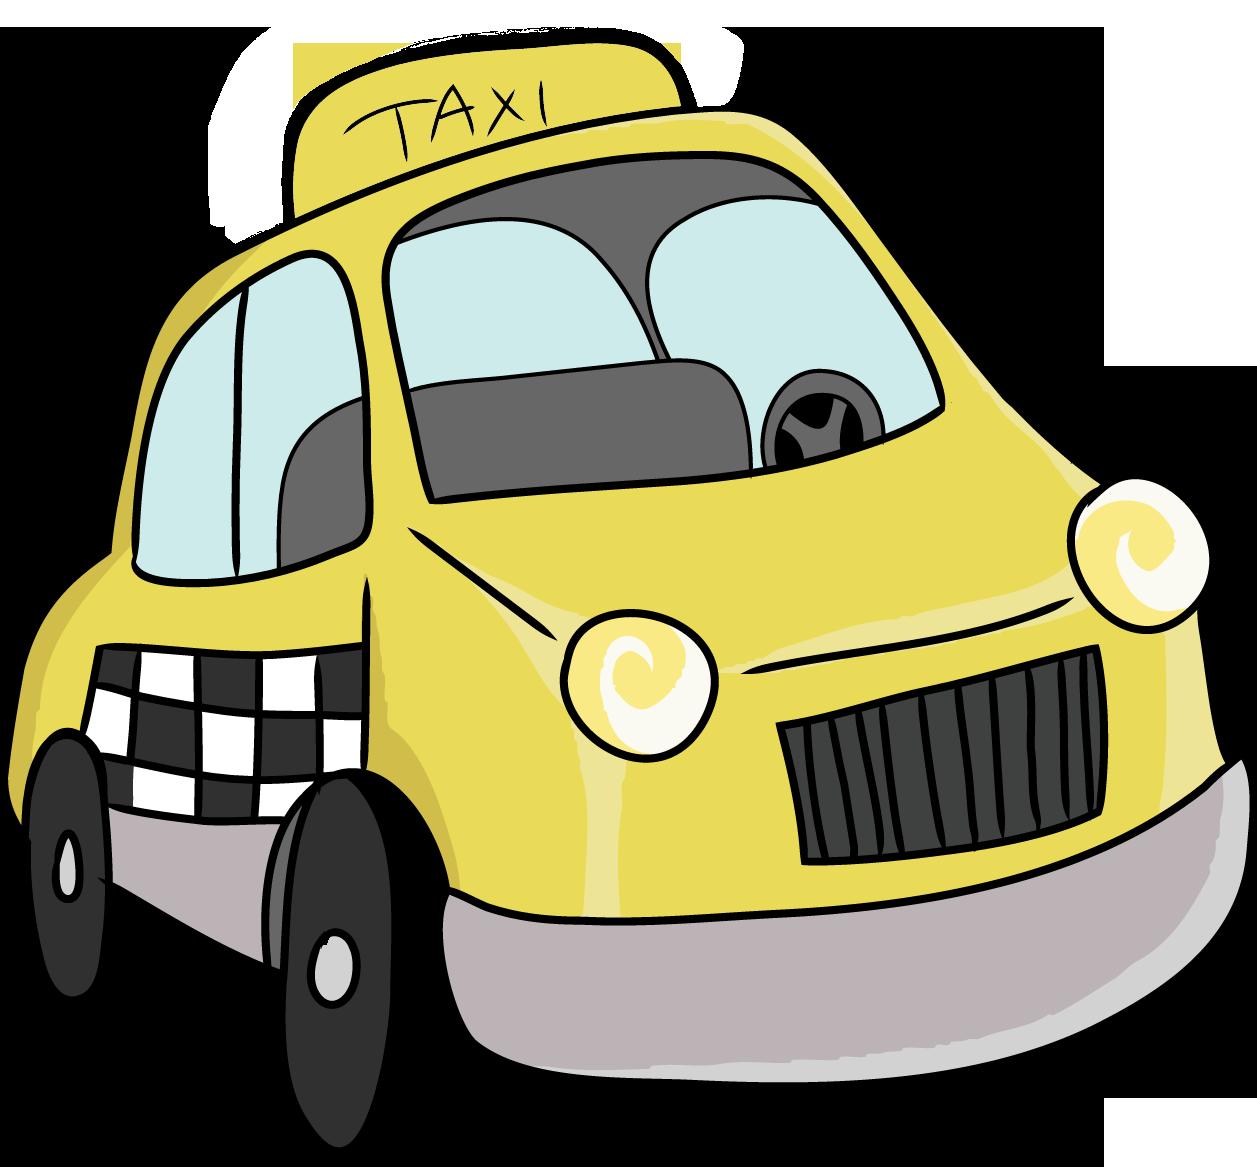 1257x1167 Cartoon Taxi Car Png Clipart